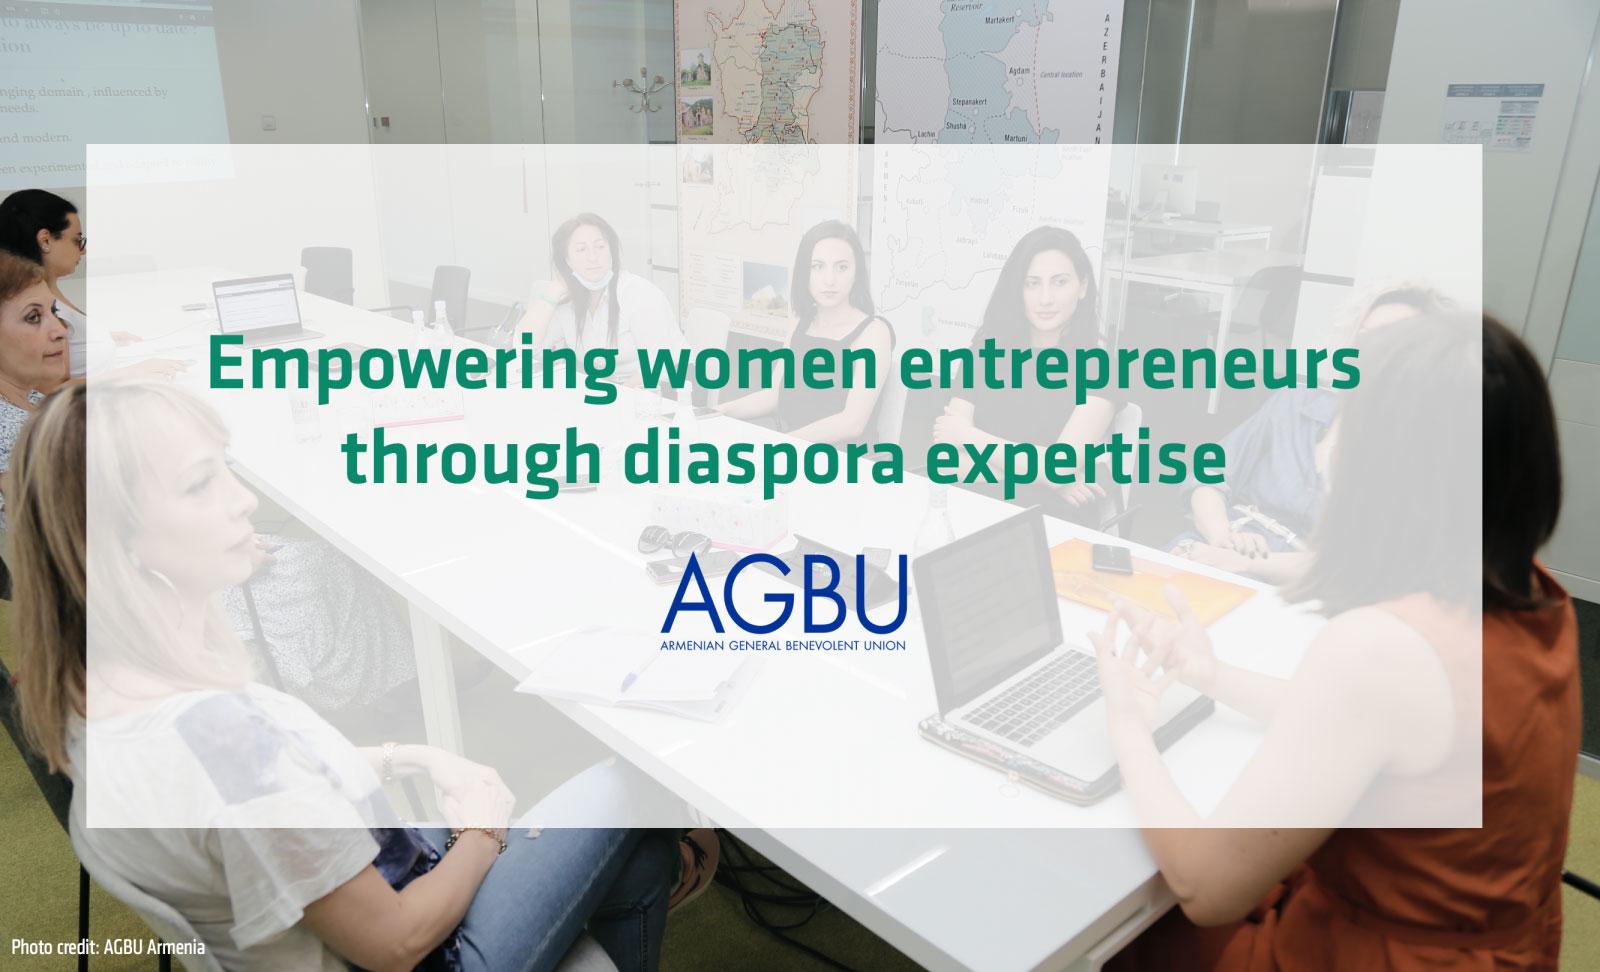 European Union Global Diaspora Facility collaborates with AGBU on Empowering Women Entrepreneurs through Diaspora Expertise